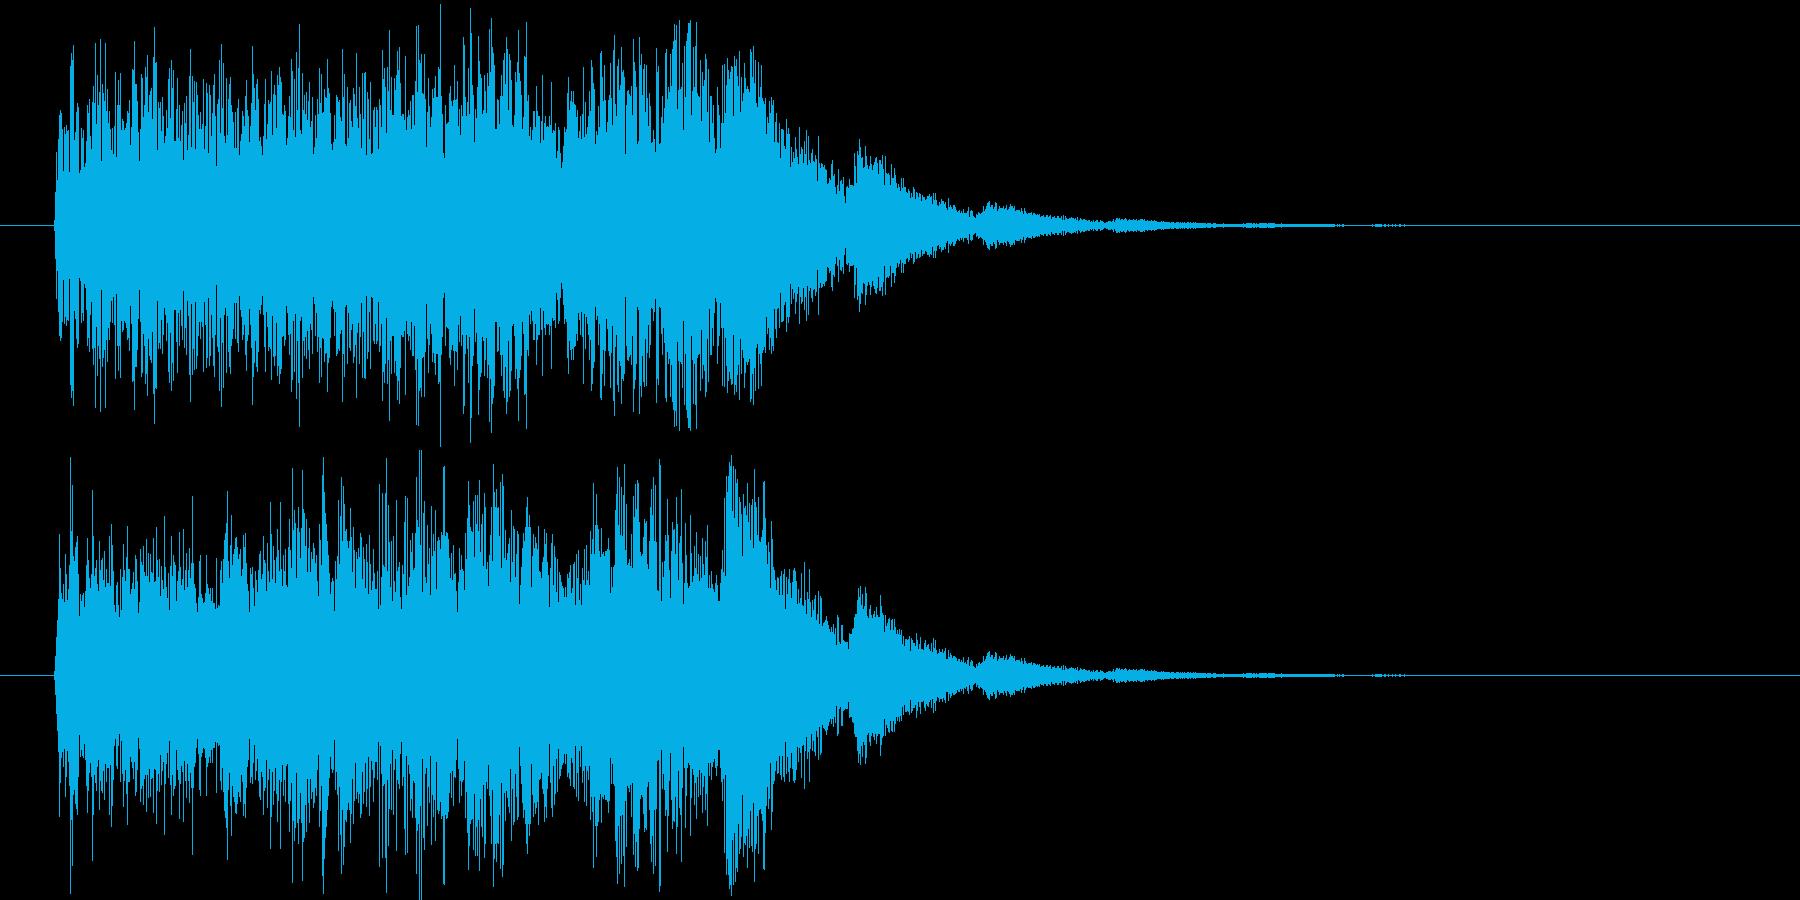 場面転換の音_ヒュィーンの再生済みの波形